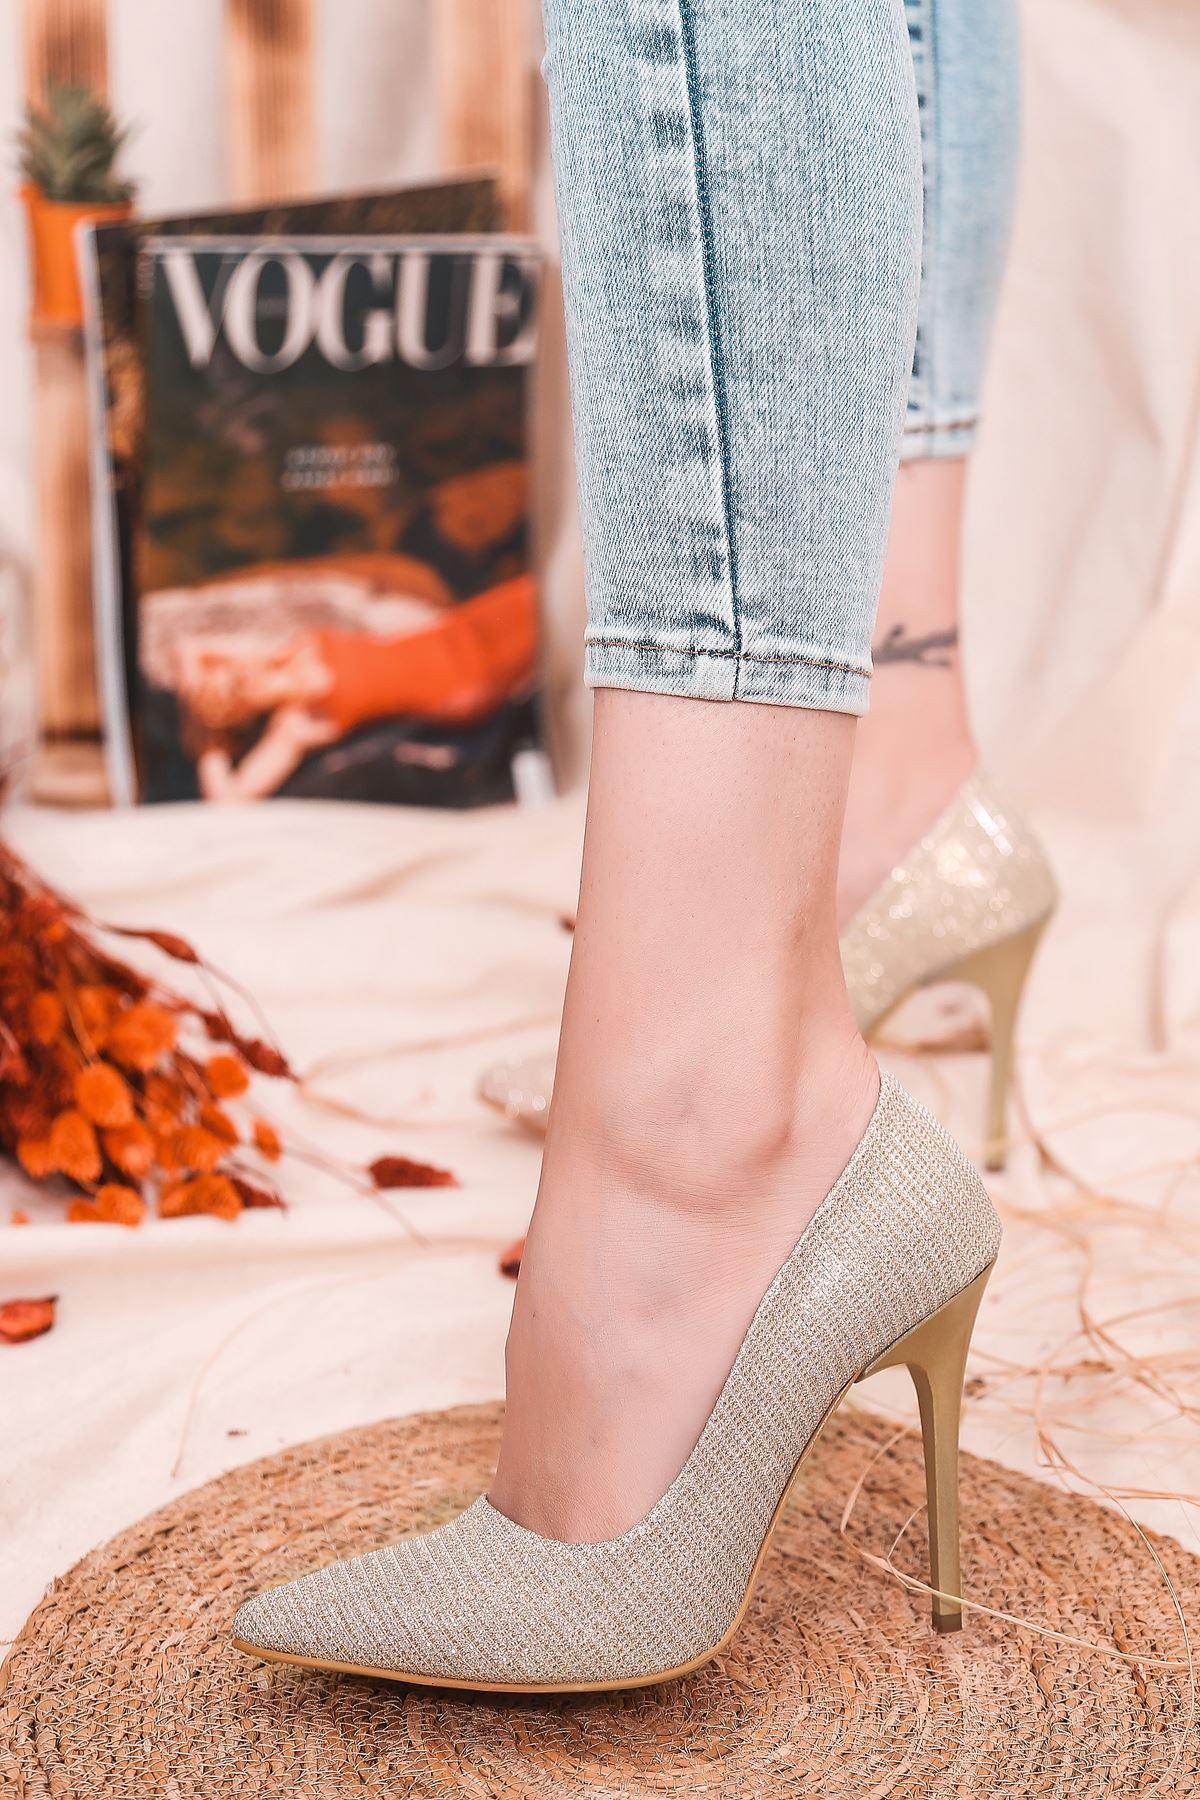 Ruha Yüksek Topuklu Gold Kadın Stiletto